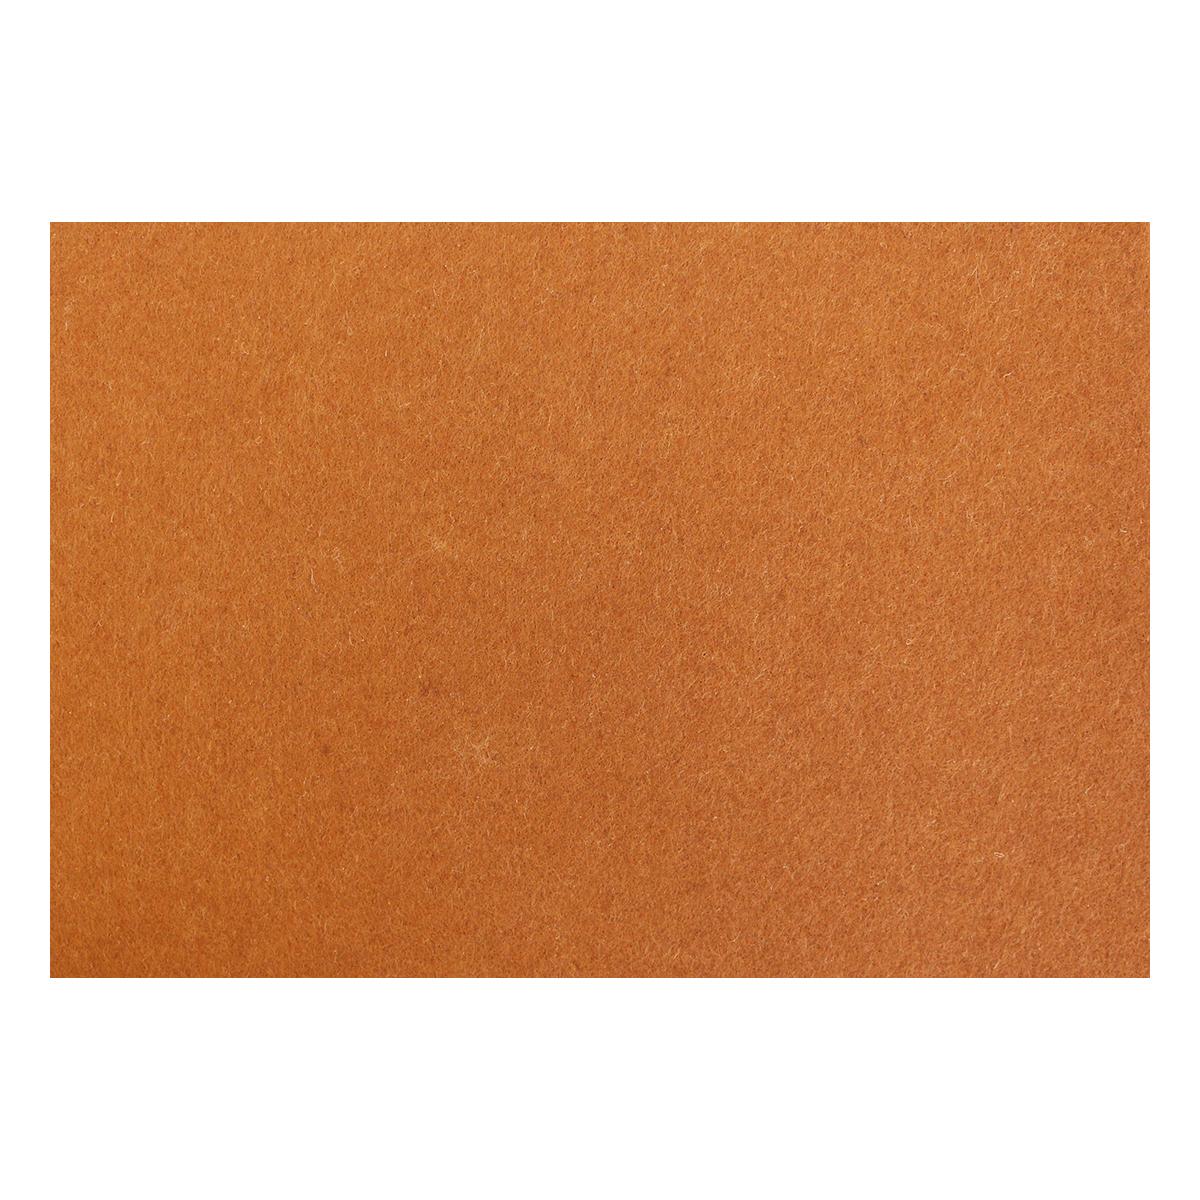 Фетр листовой Астра, цвет: терракотовый, 20 х 30 см, 10 шт фетр листовой декоративный астра божьи коровки 20 х 30 см 3 шт